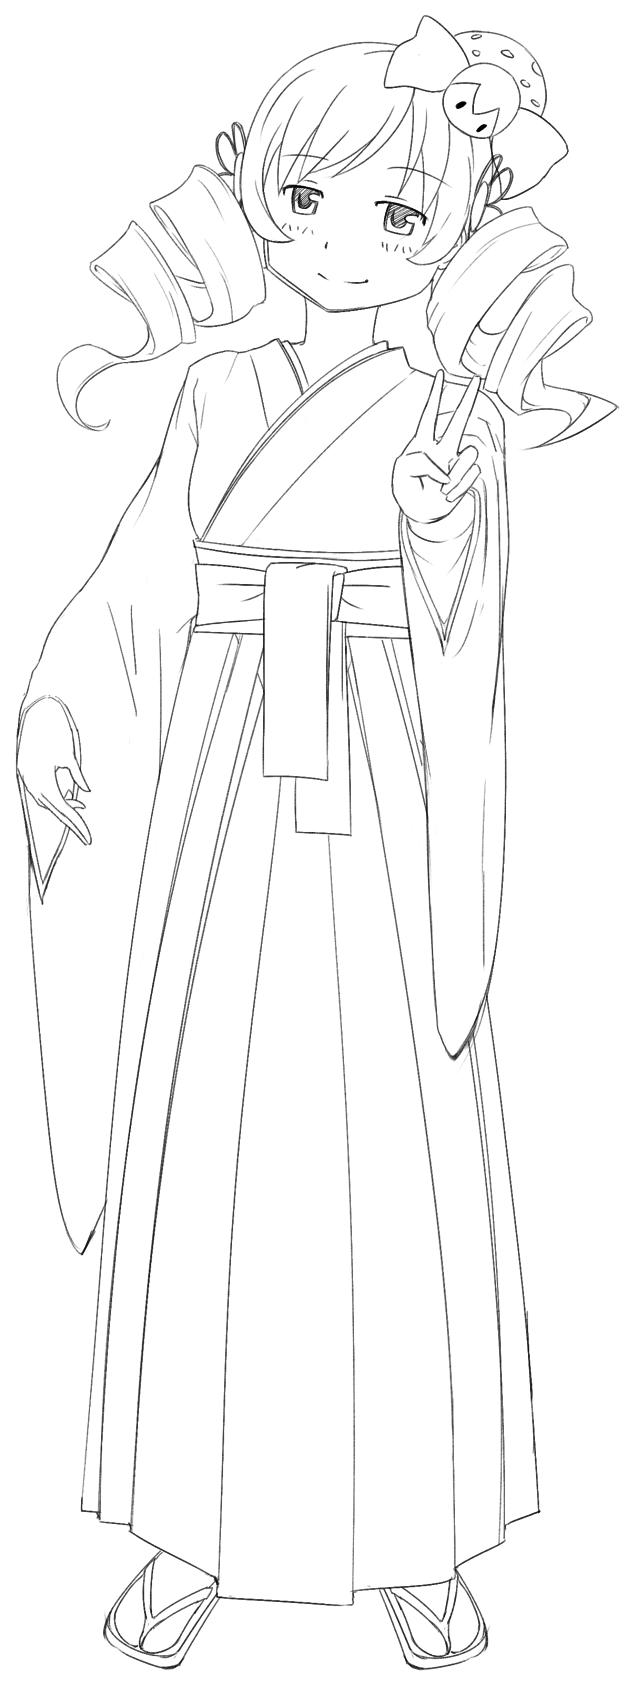 Drawn warrior kimono Tomoe (Uncolored) RyuWarrior  (Uncolored)